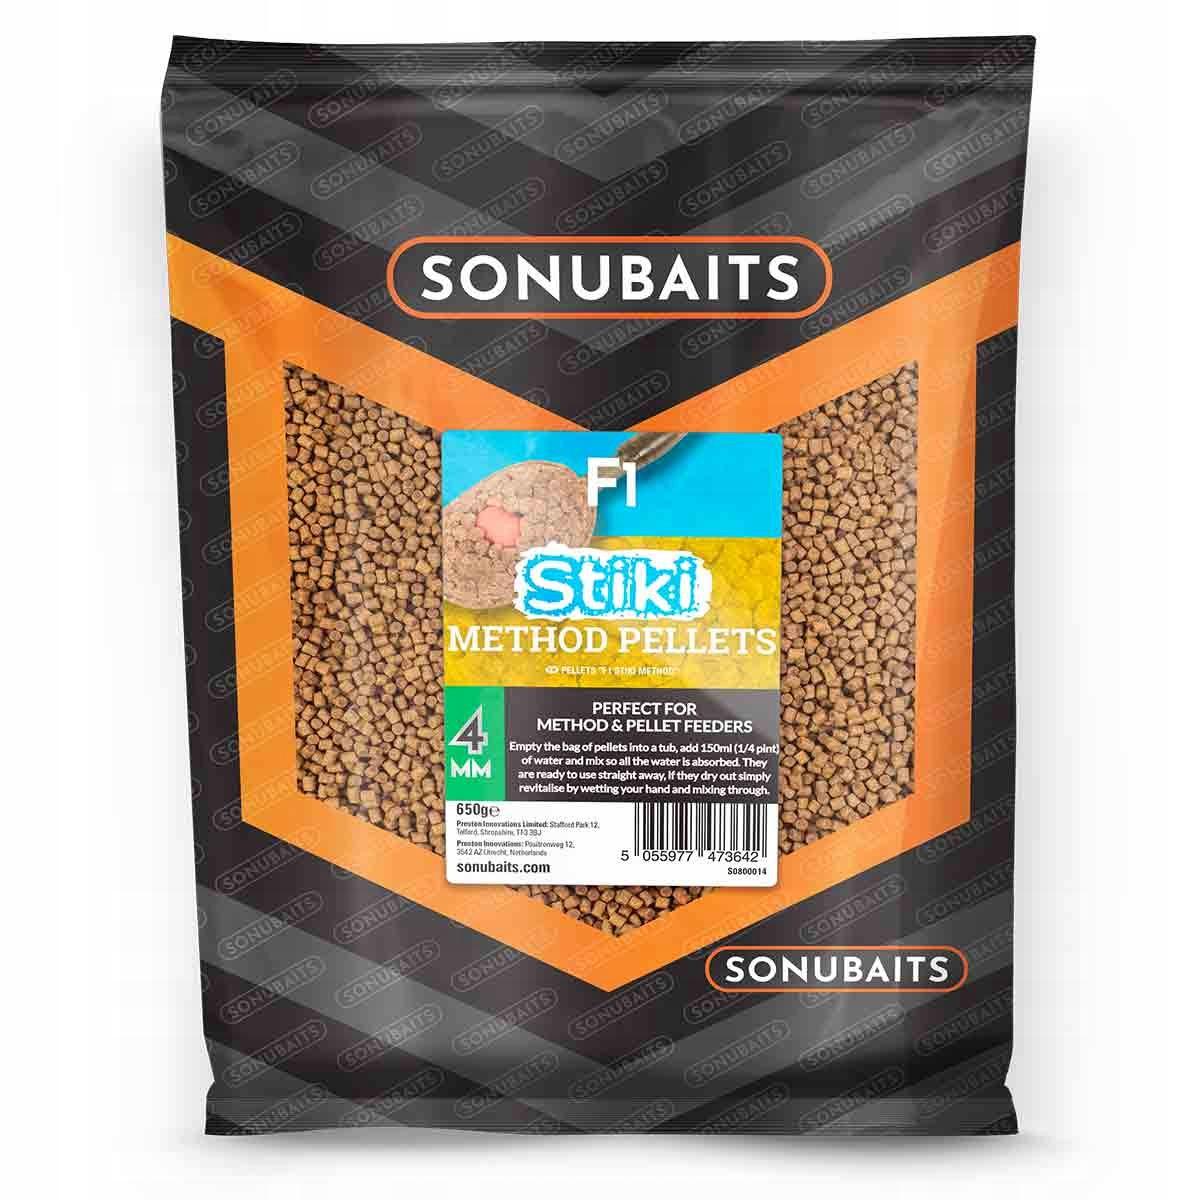 Sonubaits pellet F1 Stiki Method Pellet 4 mm